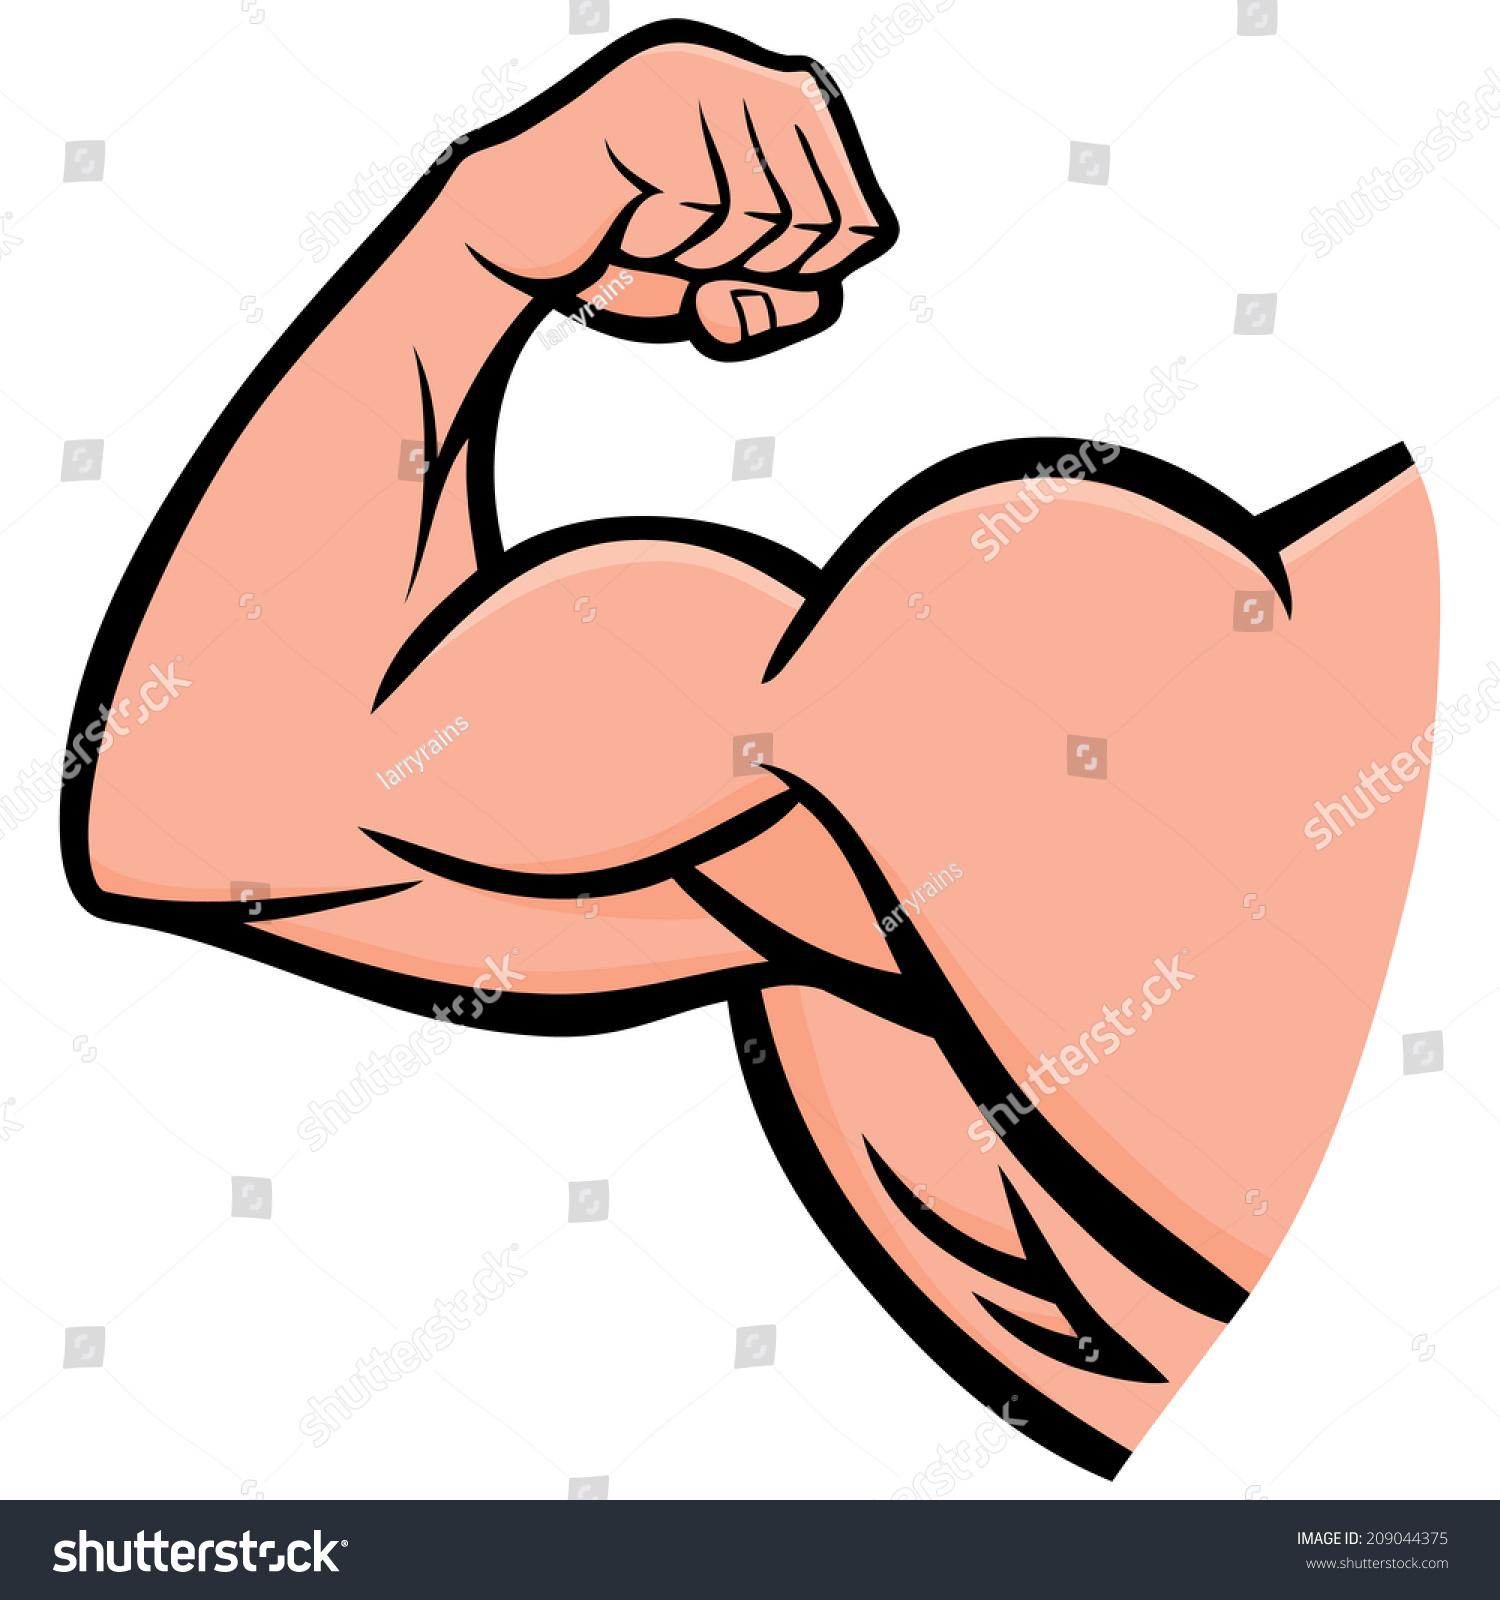 strong arm stock vector 209044375 shutterstock Human Lung Clip Art Exercising Weak Human Heart Clip Art